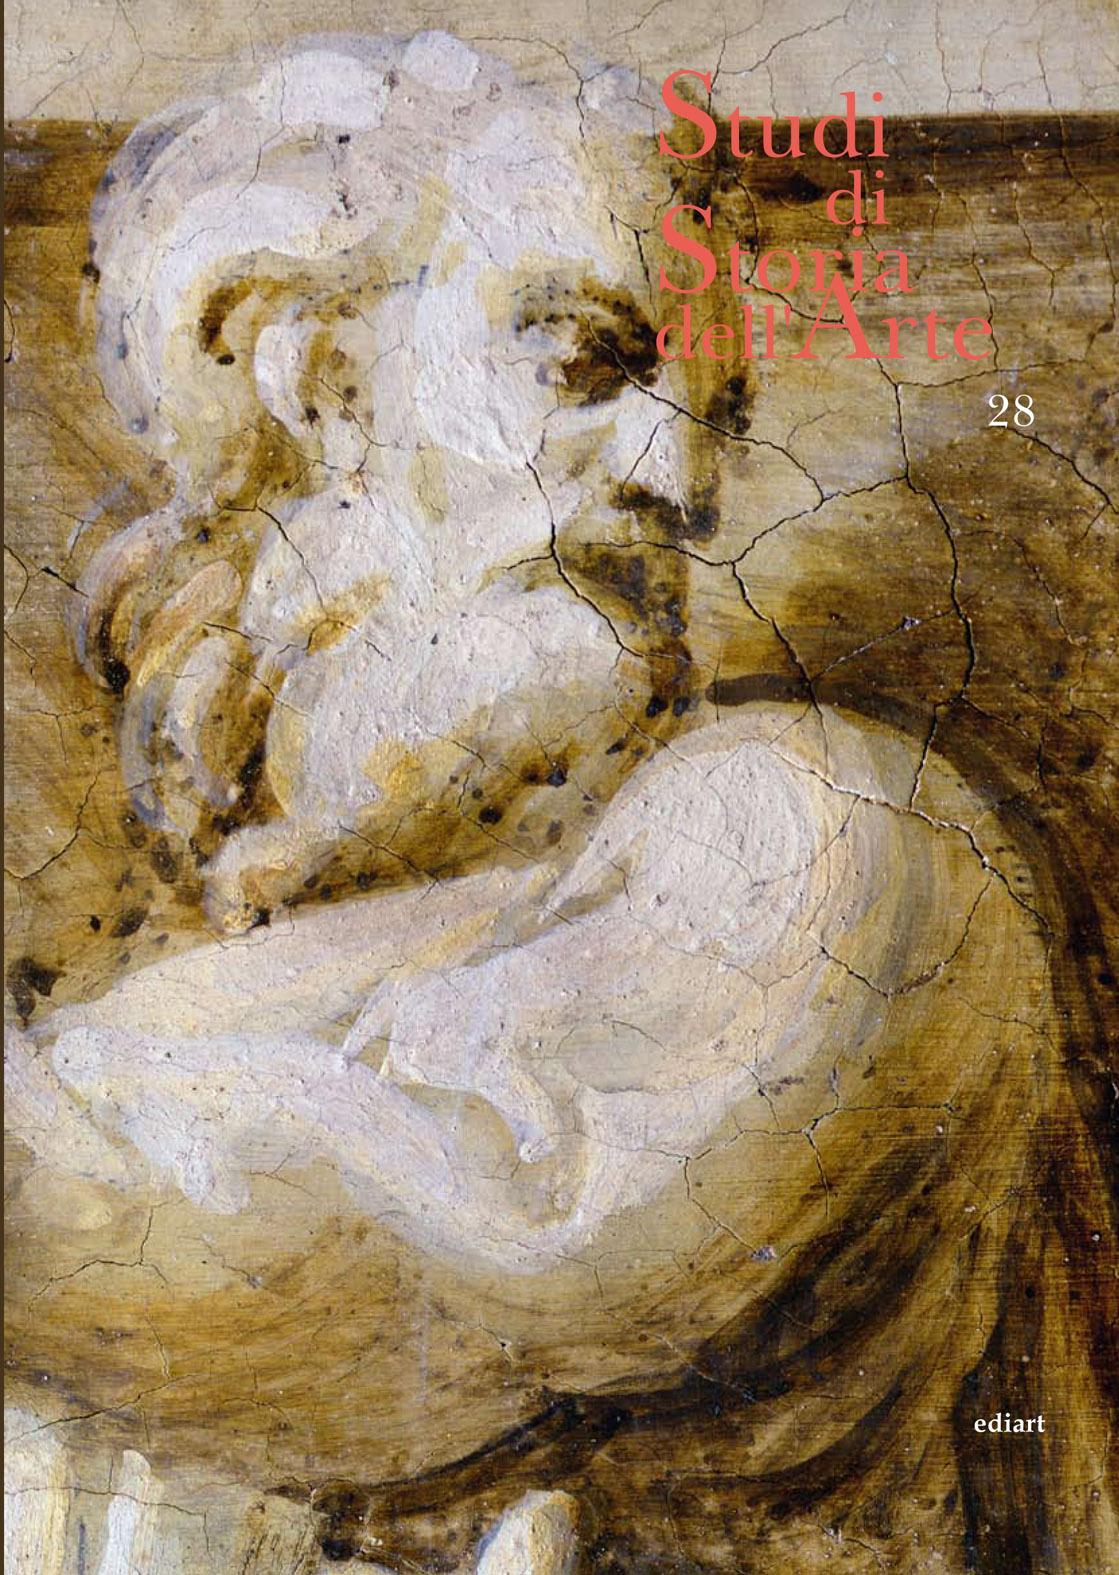 Studi di Storia dell'Arte. 28